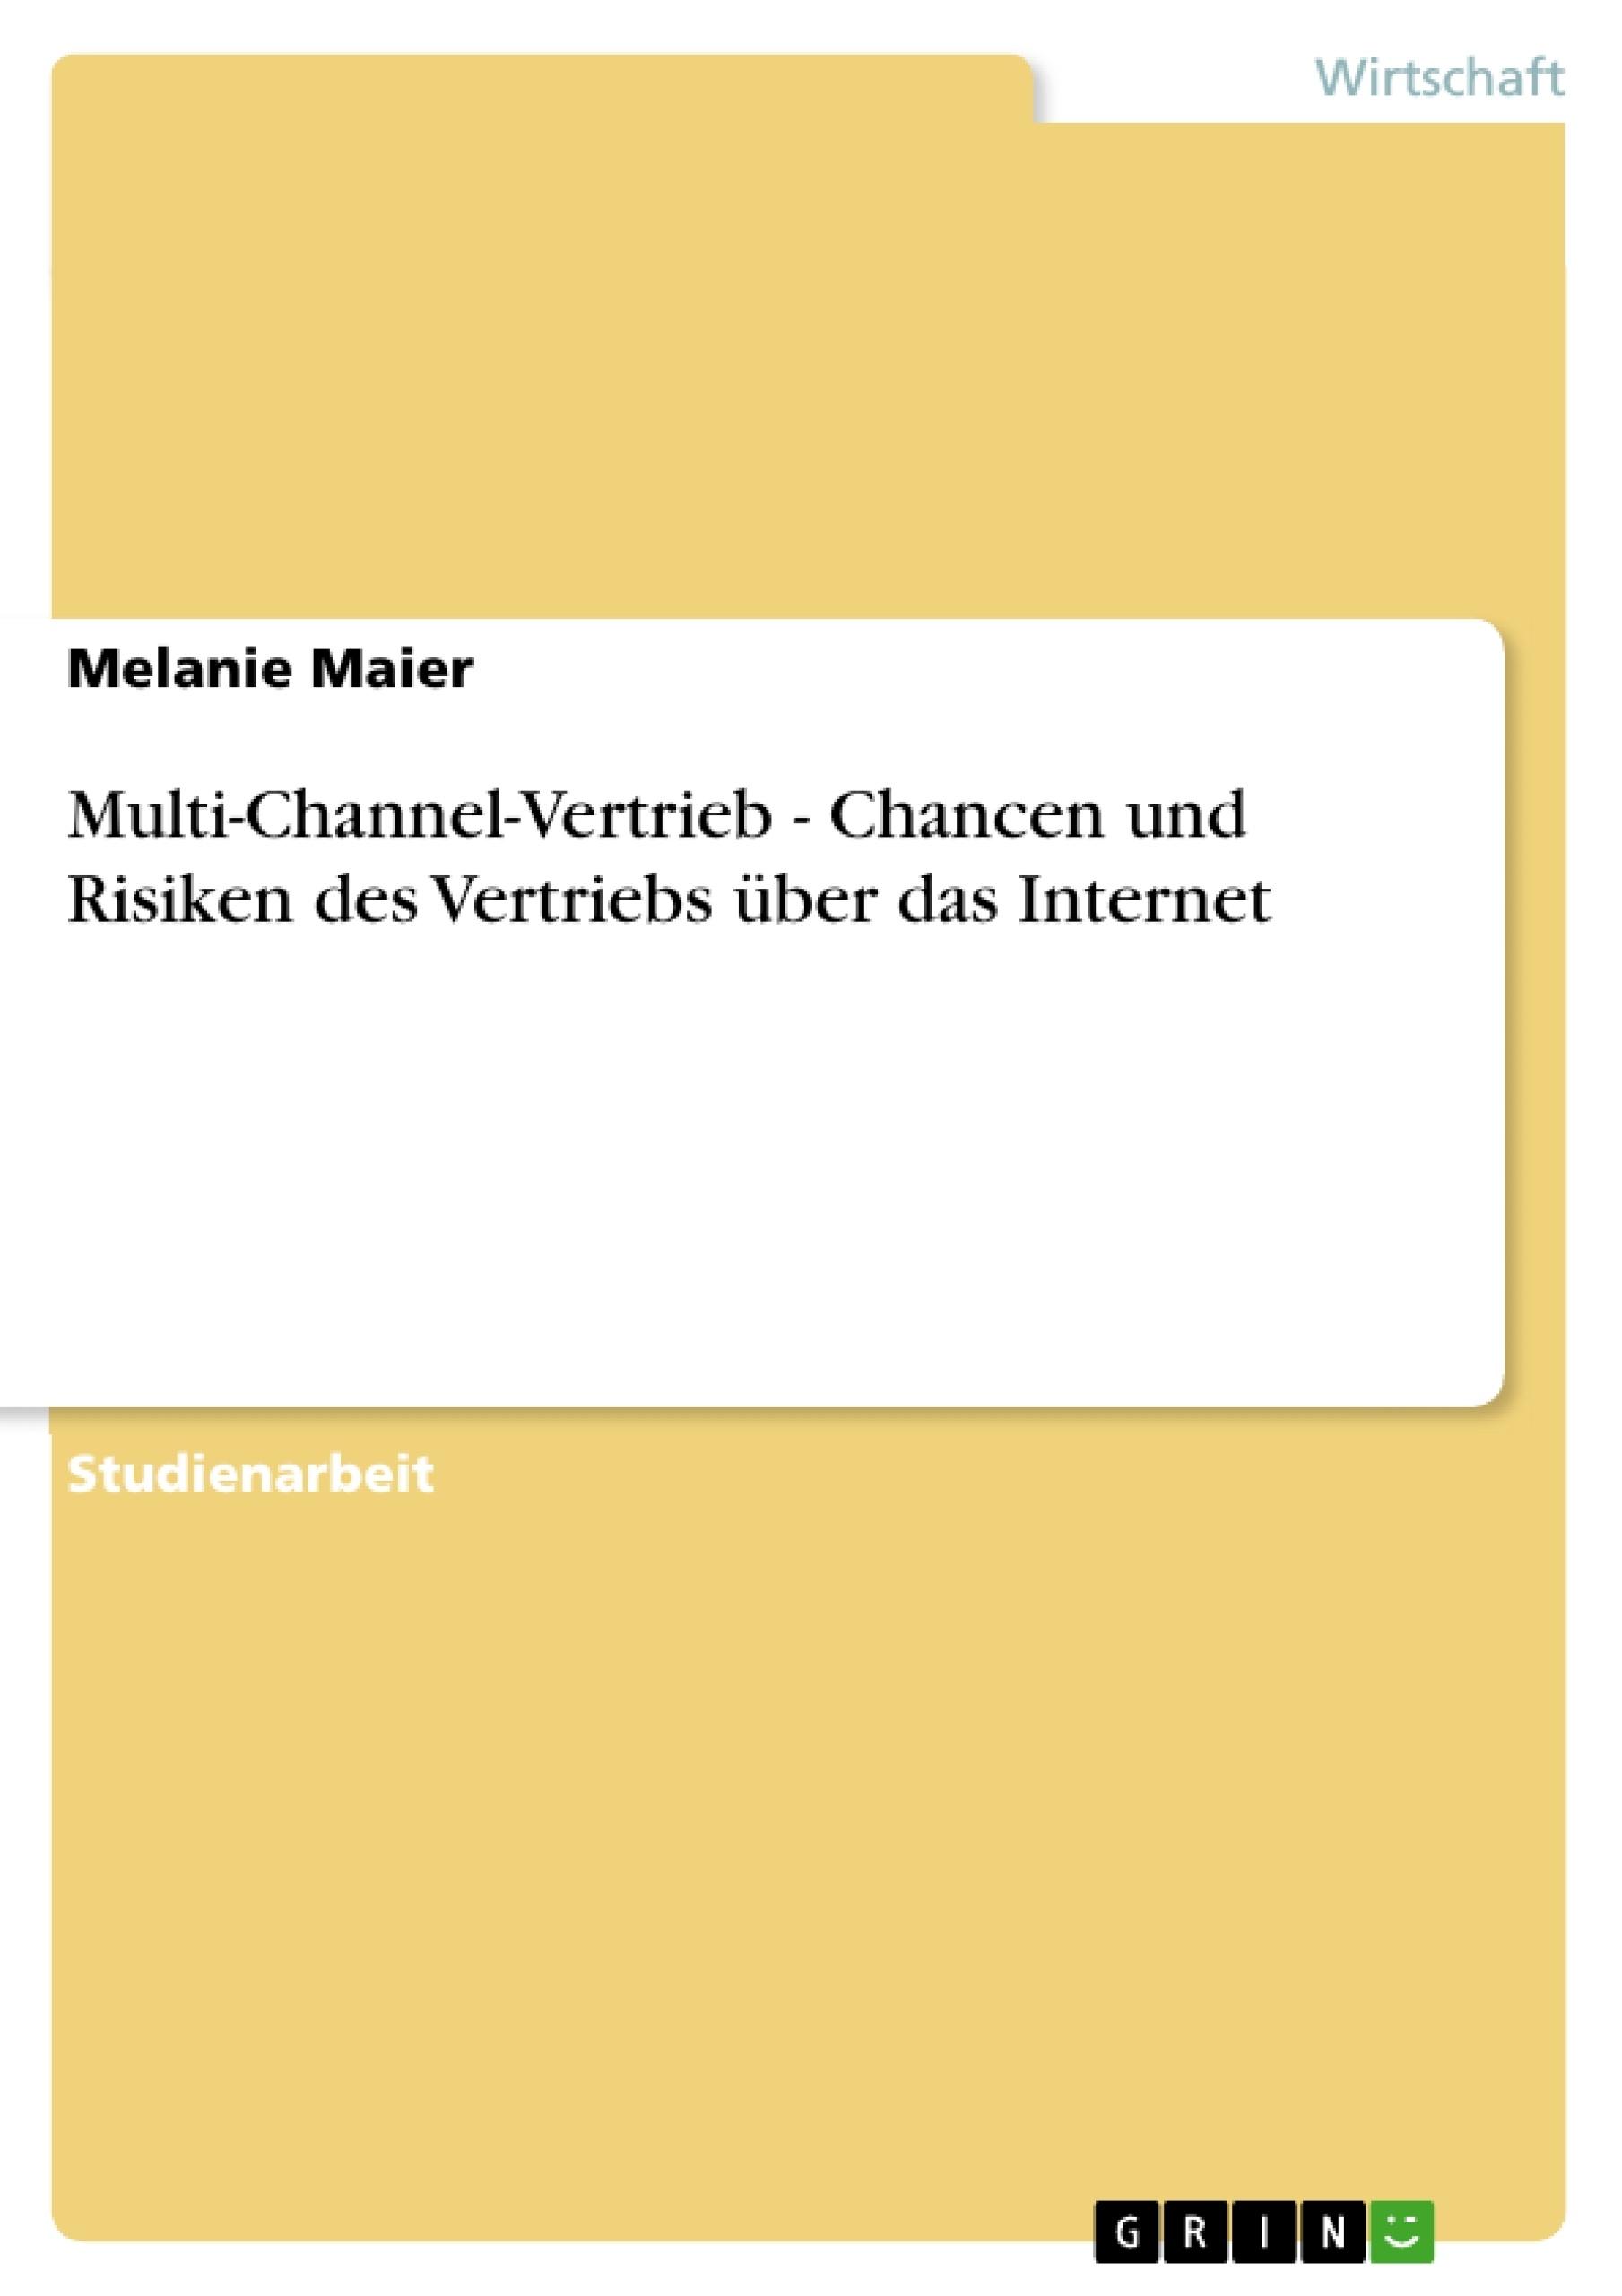 Titel: Multi-Channel-Vertrieb - Chancen und Risiken des Vertriebs über das Internet